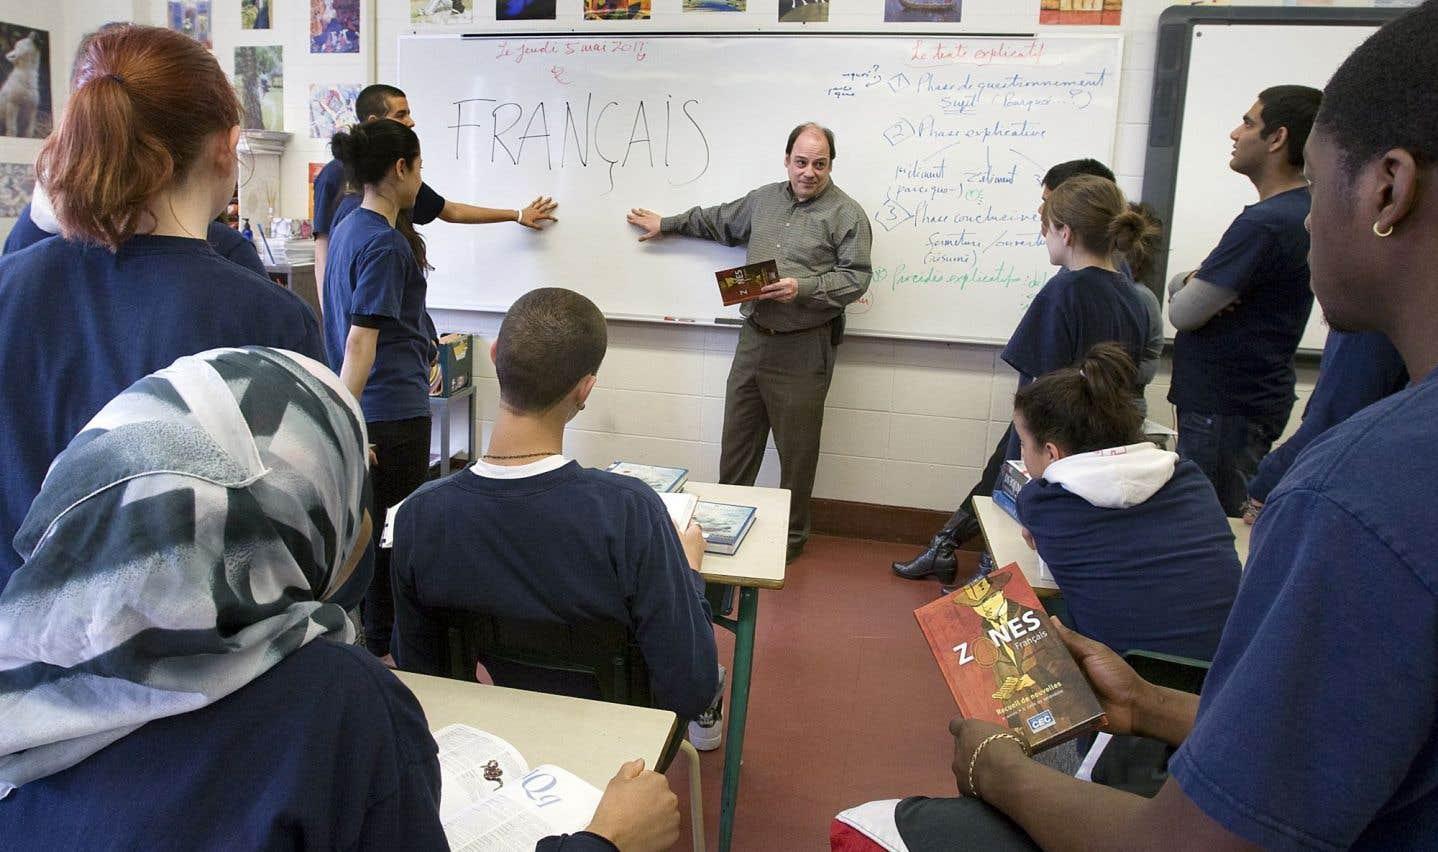 Selon Luc Papineau, les élèves n'ont pas à bien maîtriser la grammaire française, car la grille de correction de l'examen final d'écriture est très permissive en ce qui a trait à la maîtrise de la langue.